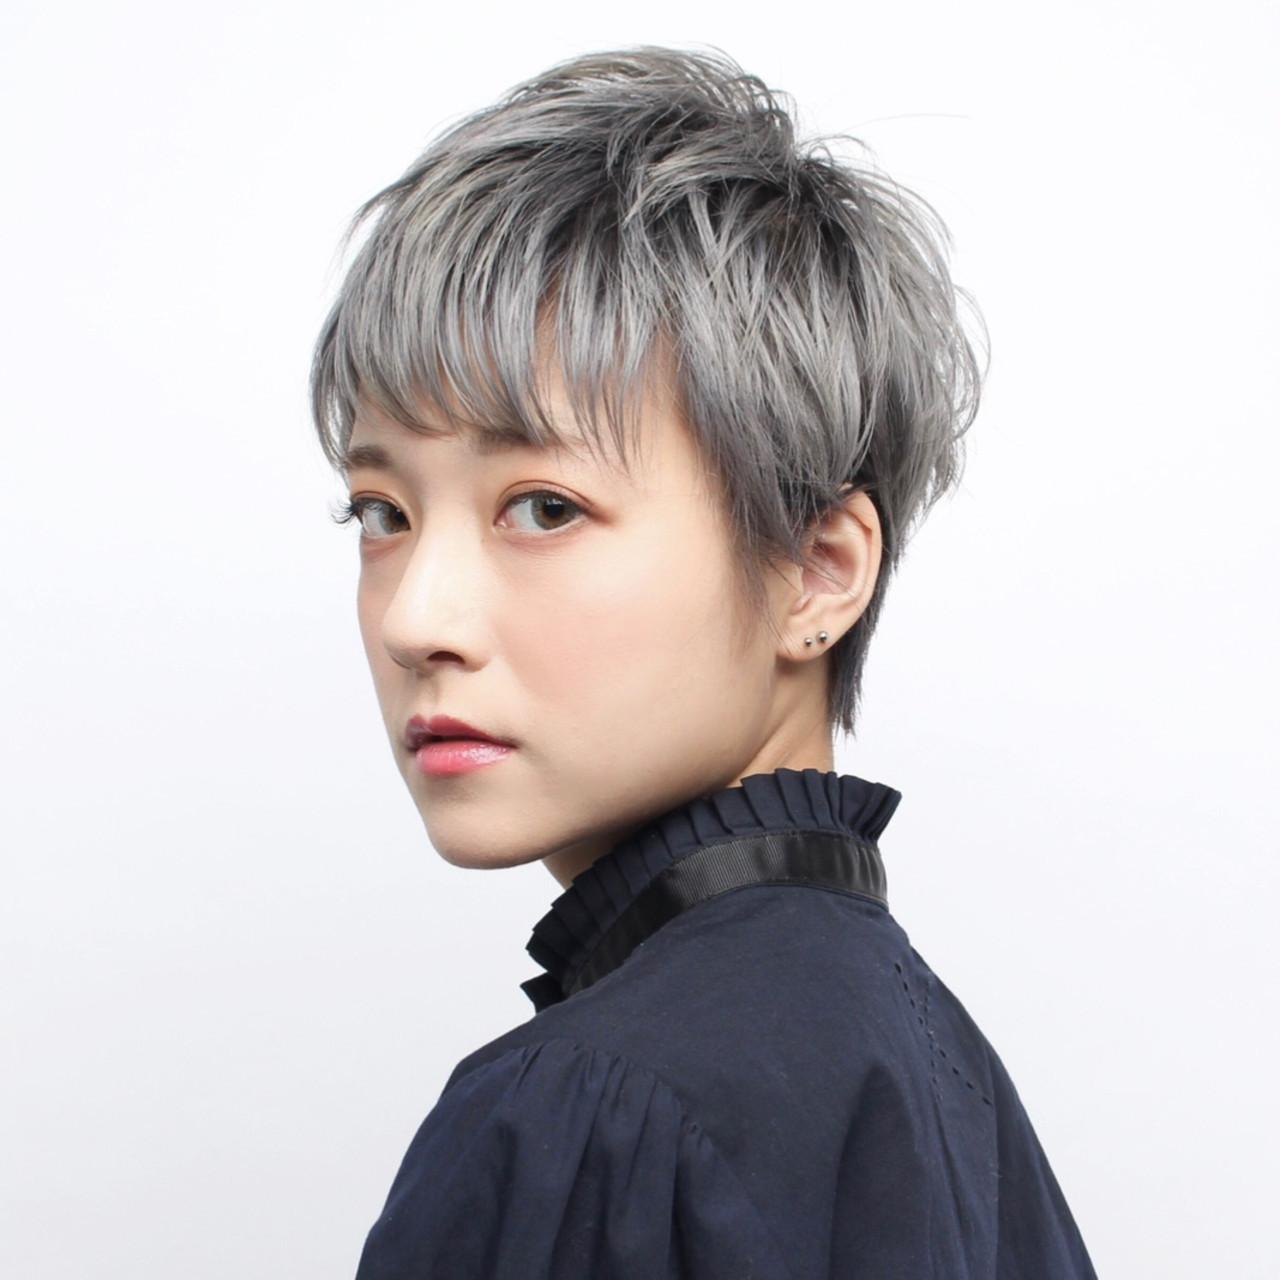 大人可愛いベリーショート♡カットやカラーで雰囲気変わるおすすめヘアカタログ